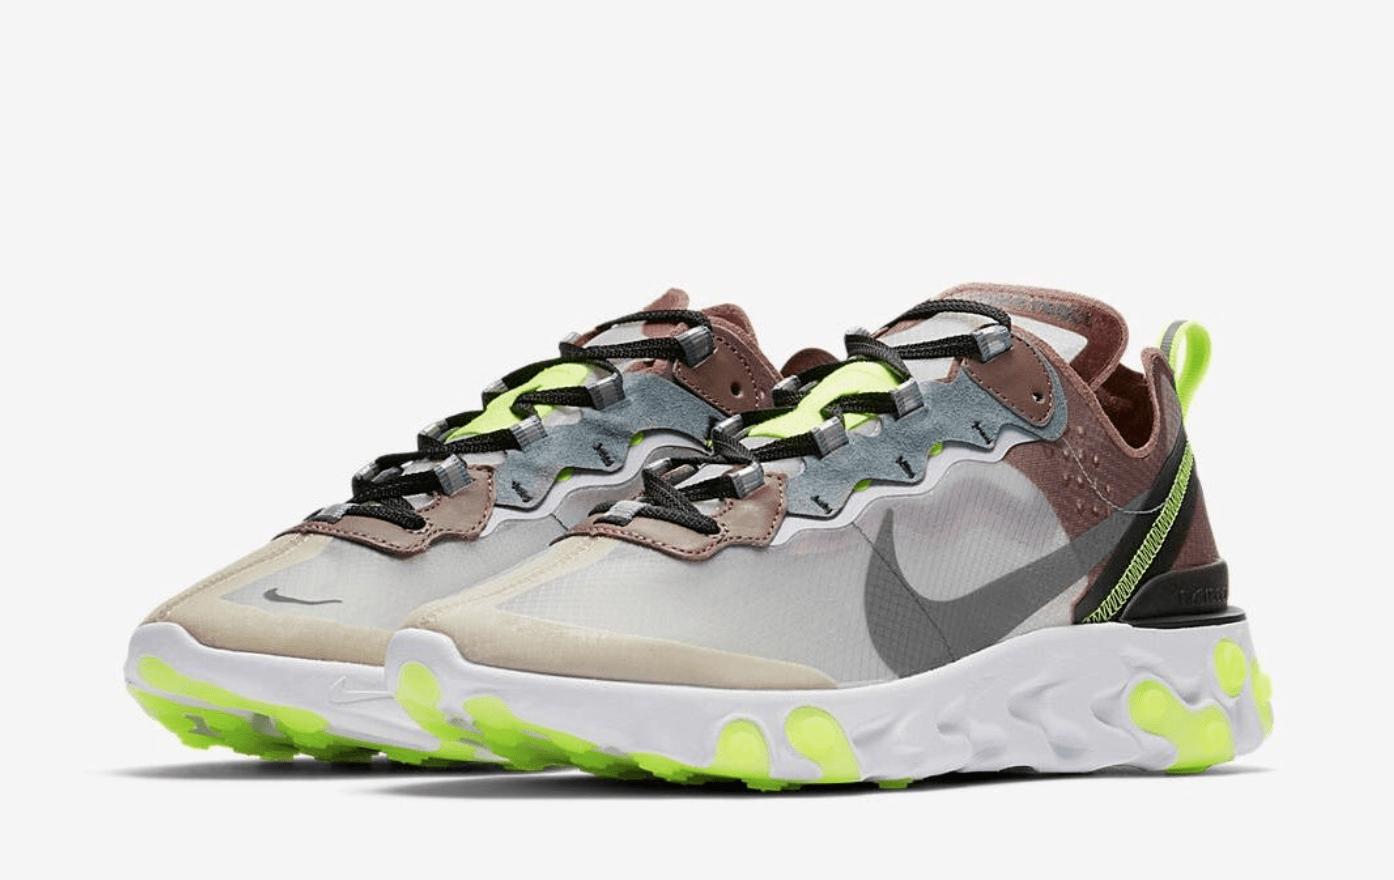 d9aa64de51f82 Nike React Element 87 August 2018 Release Info - JustFreshKicks